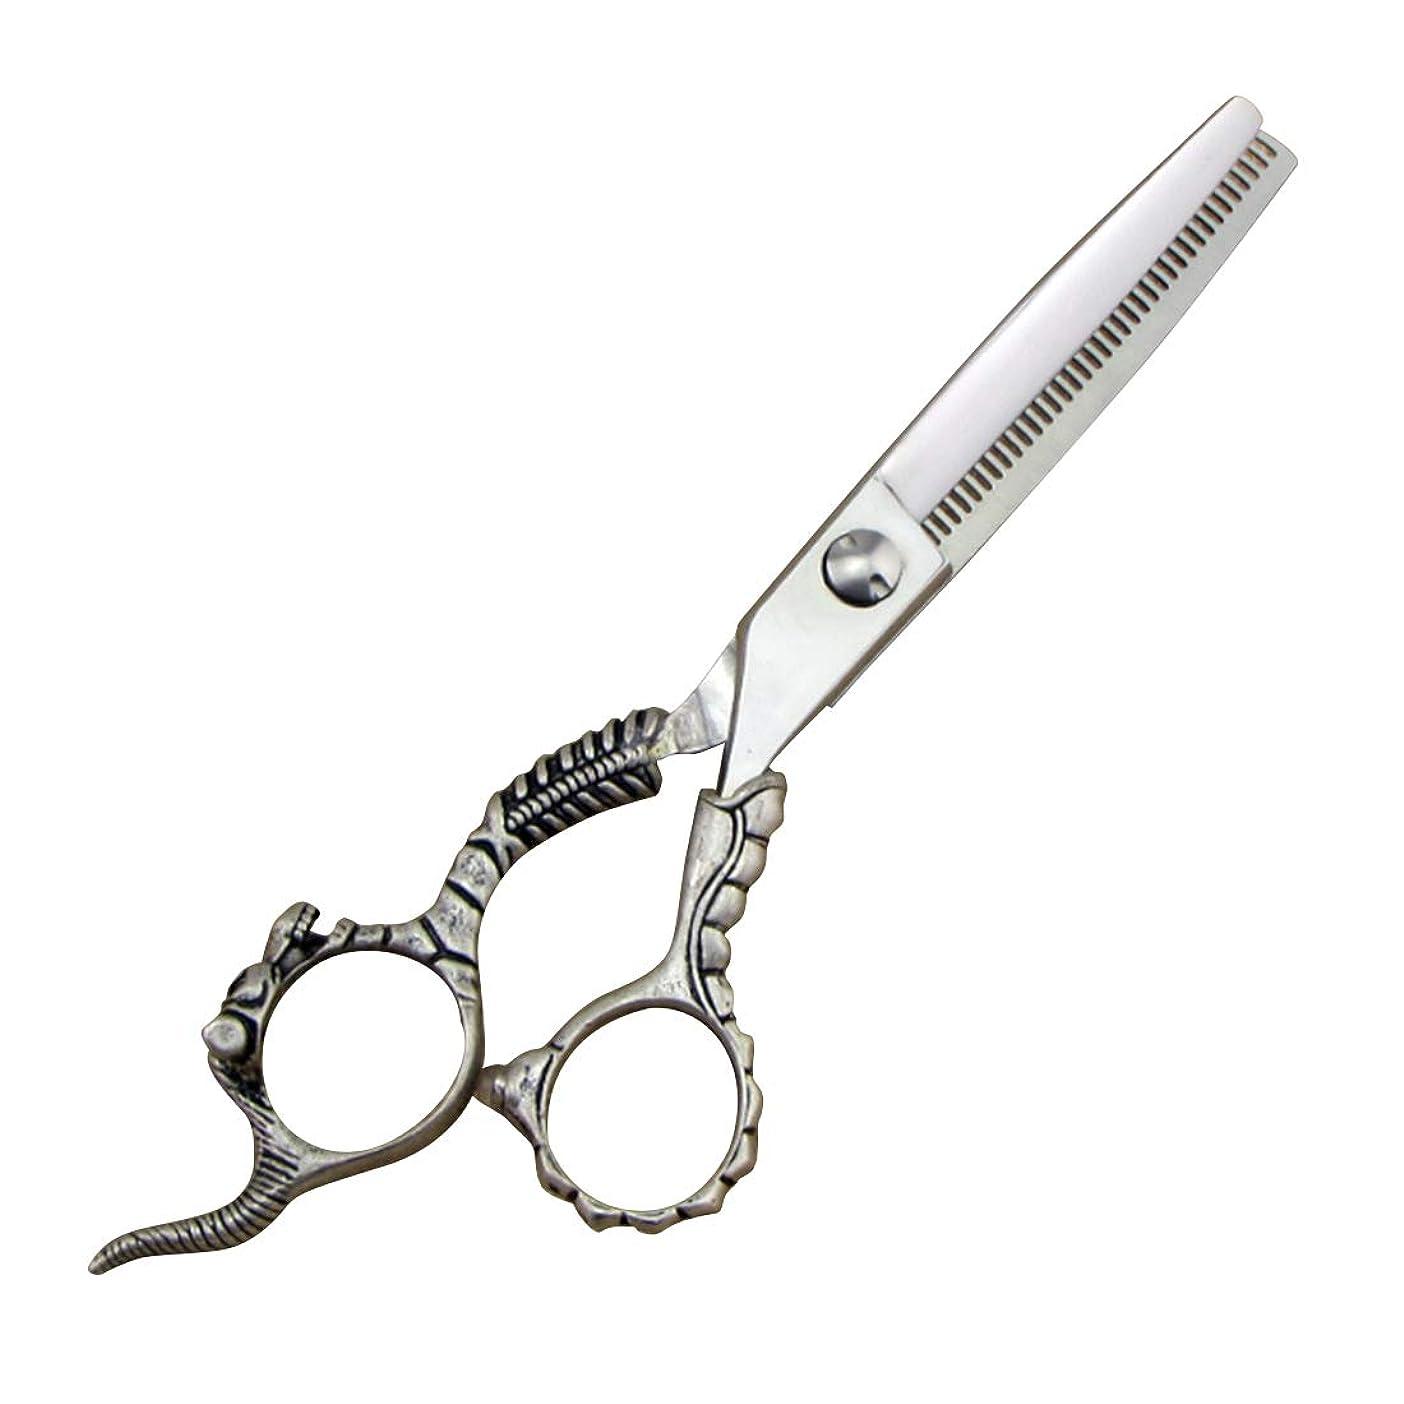 スワップリース遮るバリカンはさみプロ理髪はさみ - 理髪はさみセット - ステンレス鋼の歯はさみ&フラットせん断 モデリングツール (色 : Silver)